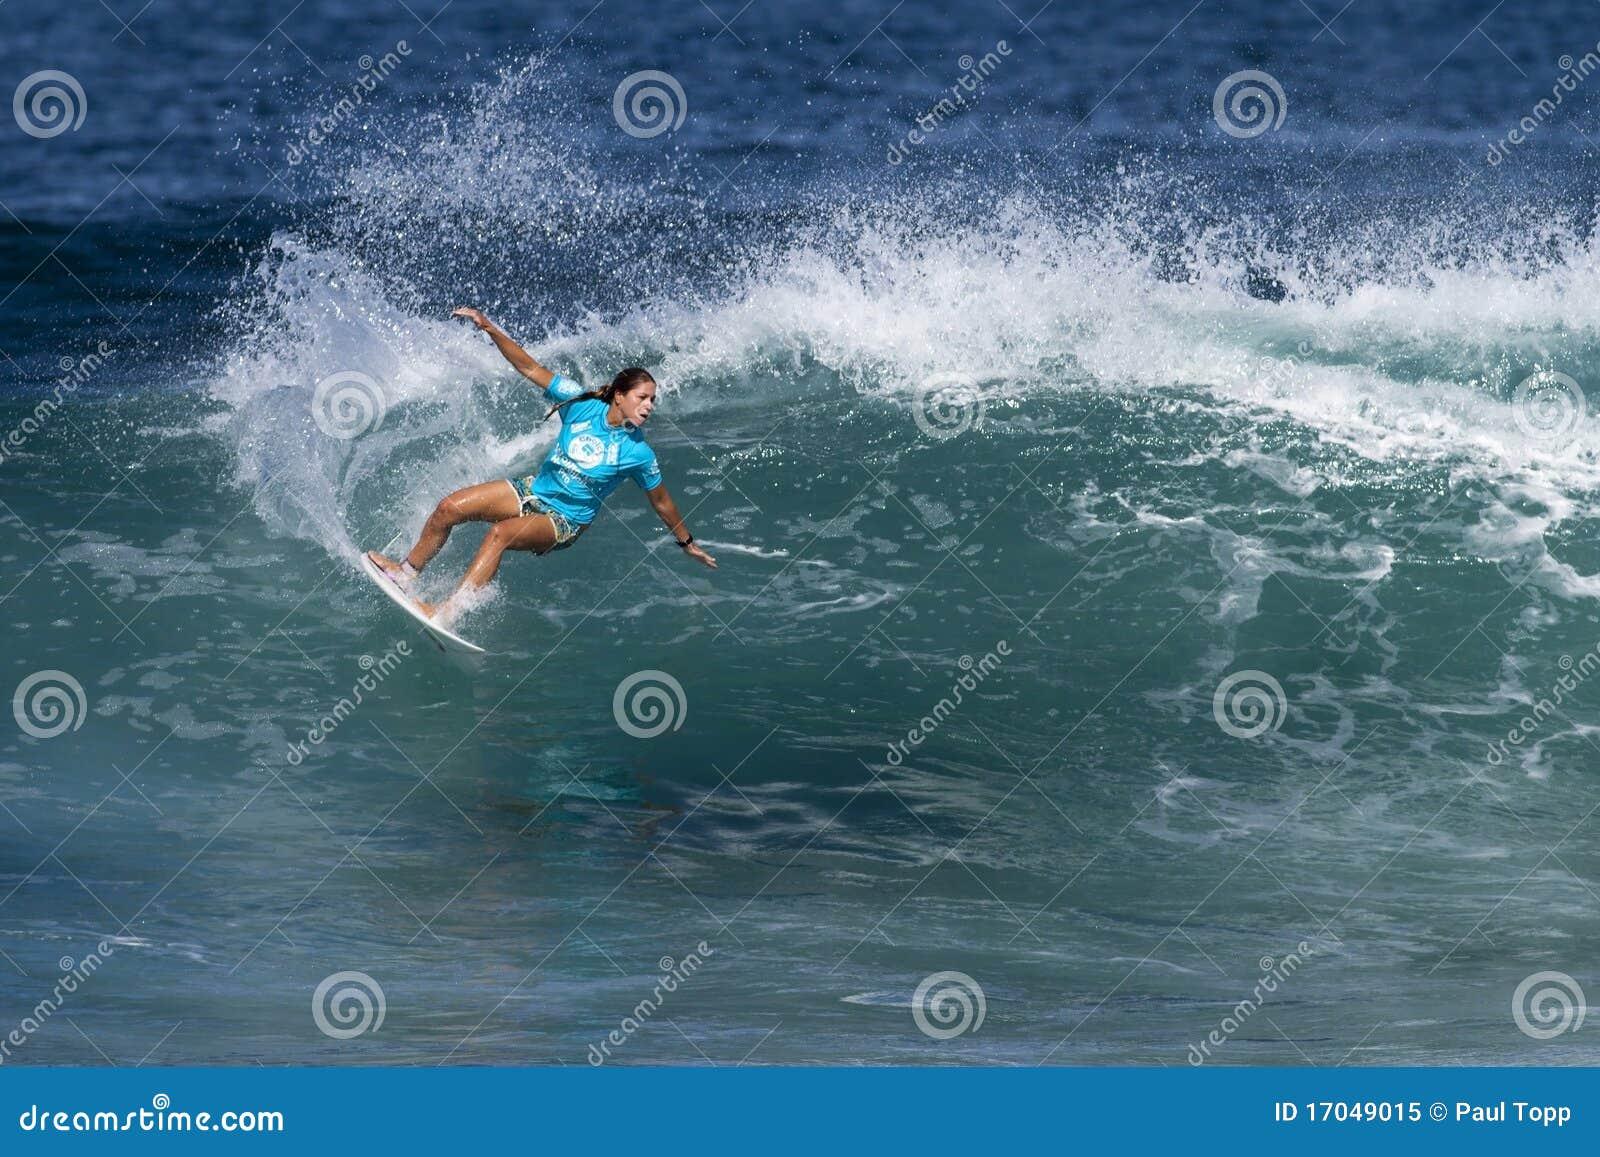 - jacqueline-silva-surfing-hawaiian-pro-17049015